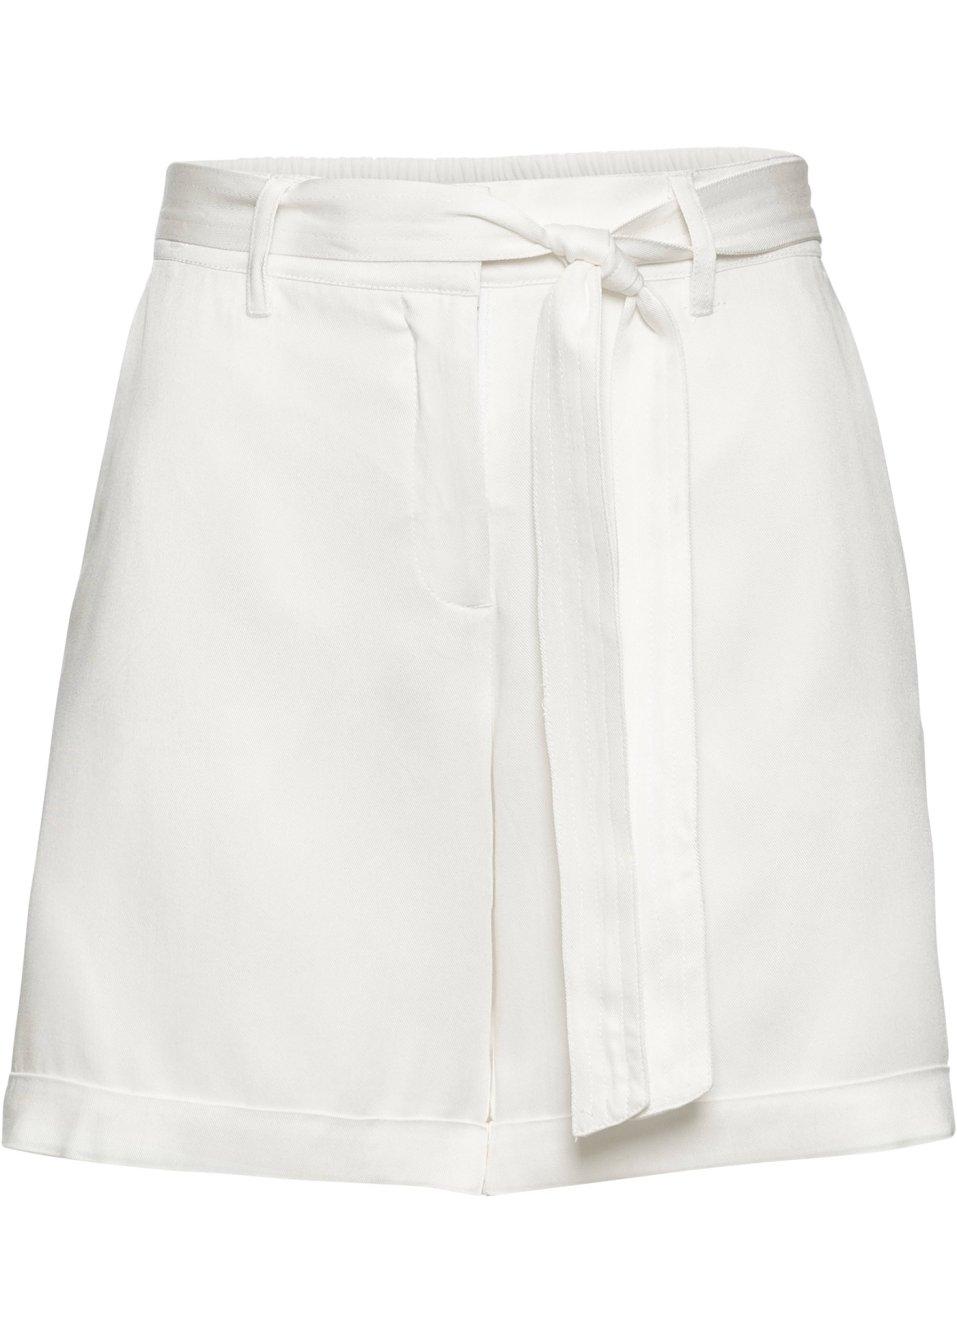 Shorts mit Bindeband - wollweiß Normal m0dwY lVtwu